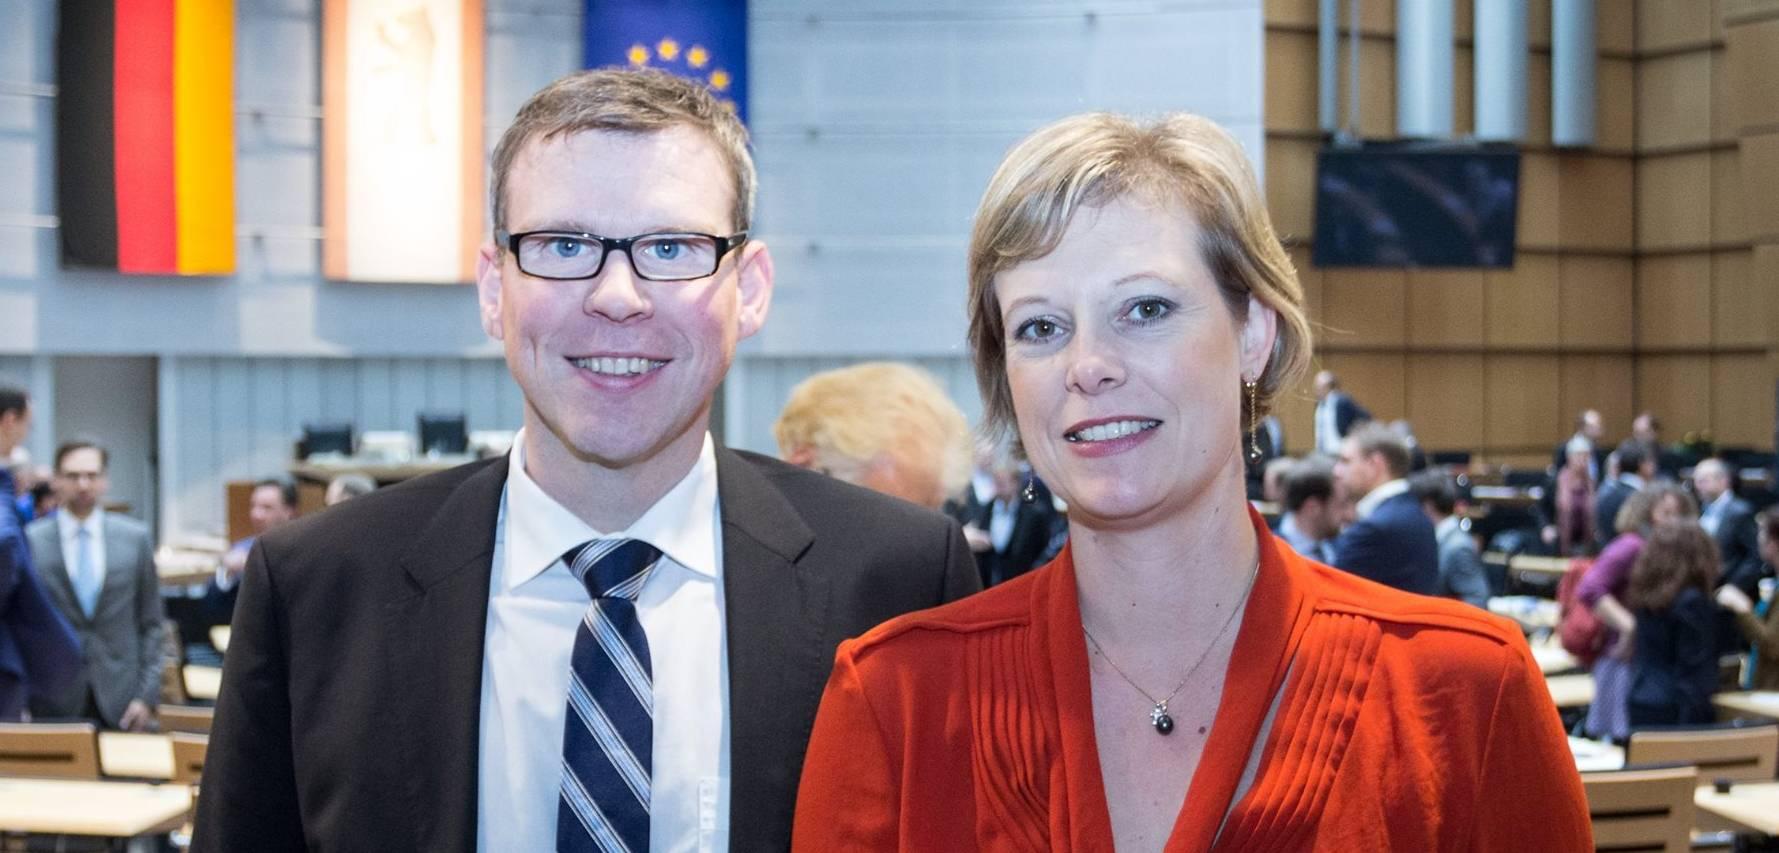 Cornelia Seibeld mit Florian Graf, Fraktionsvorsitzender der CDU im Abgeordnetenhaus